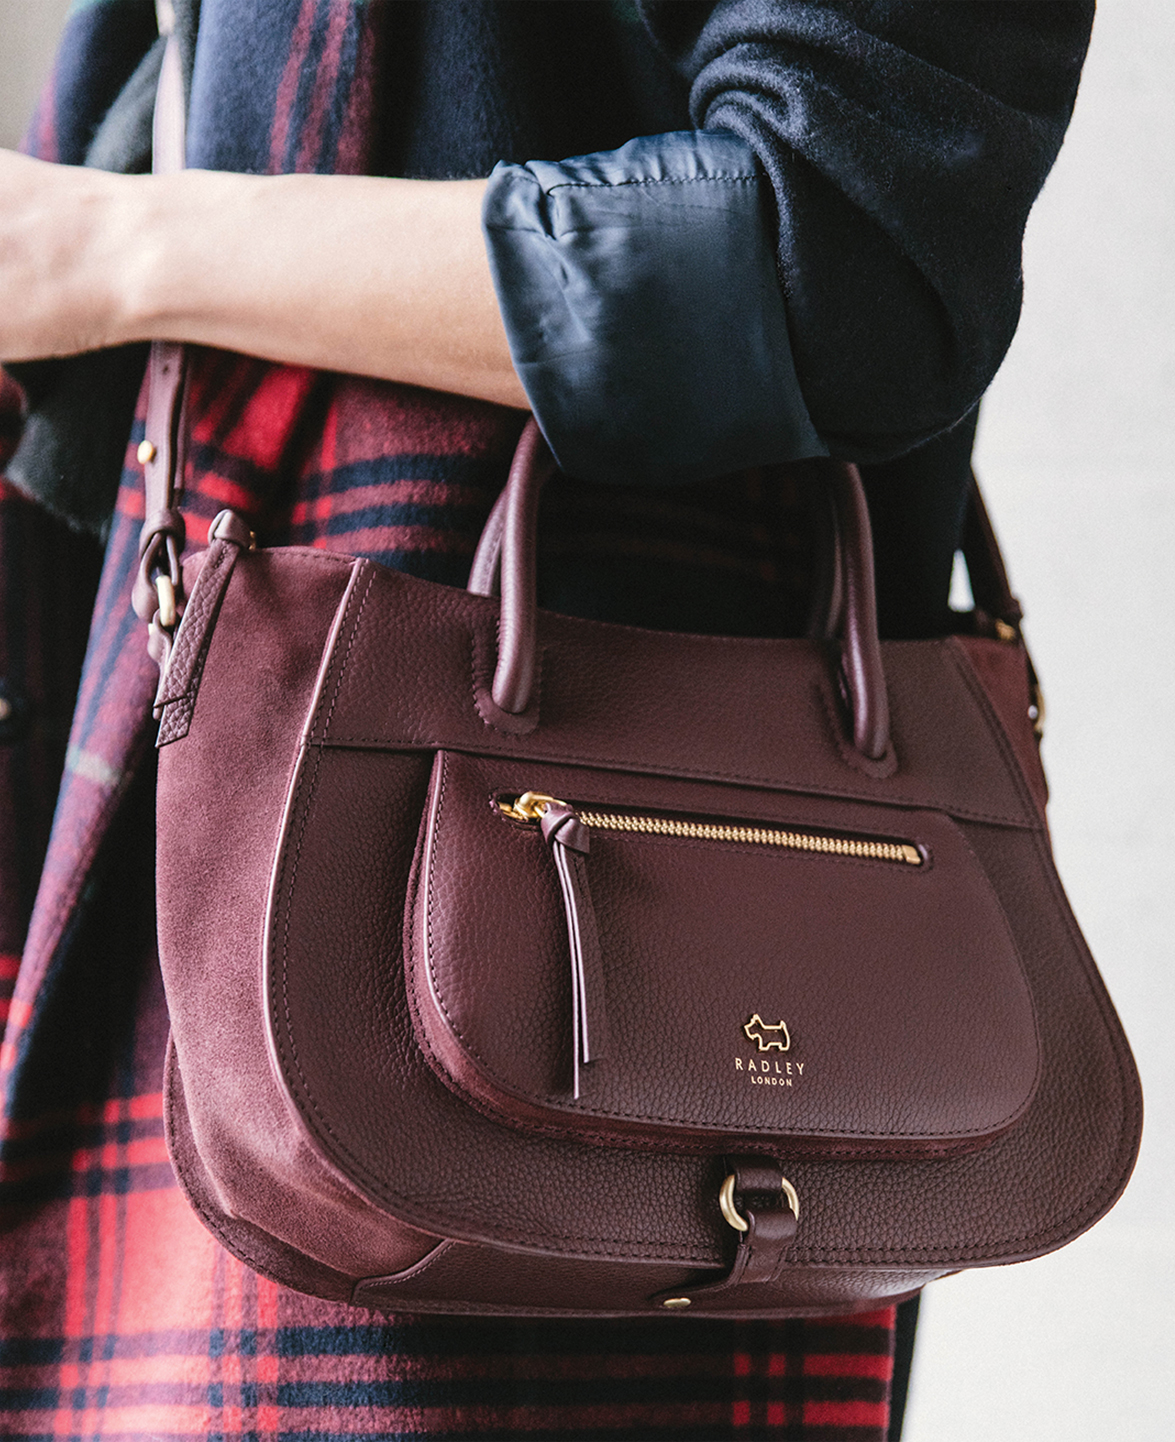 designer-ladies-burgundy-suede-cross-body-bag-radley-02